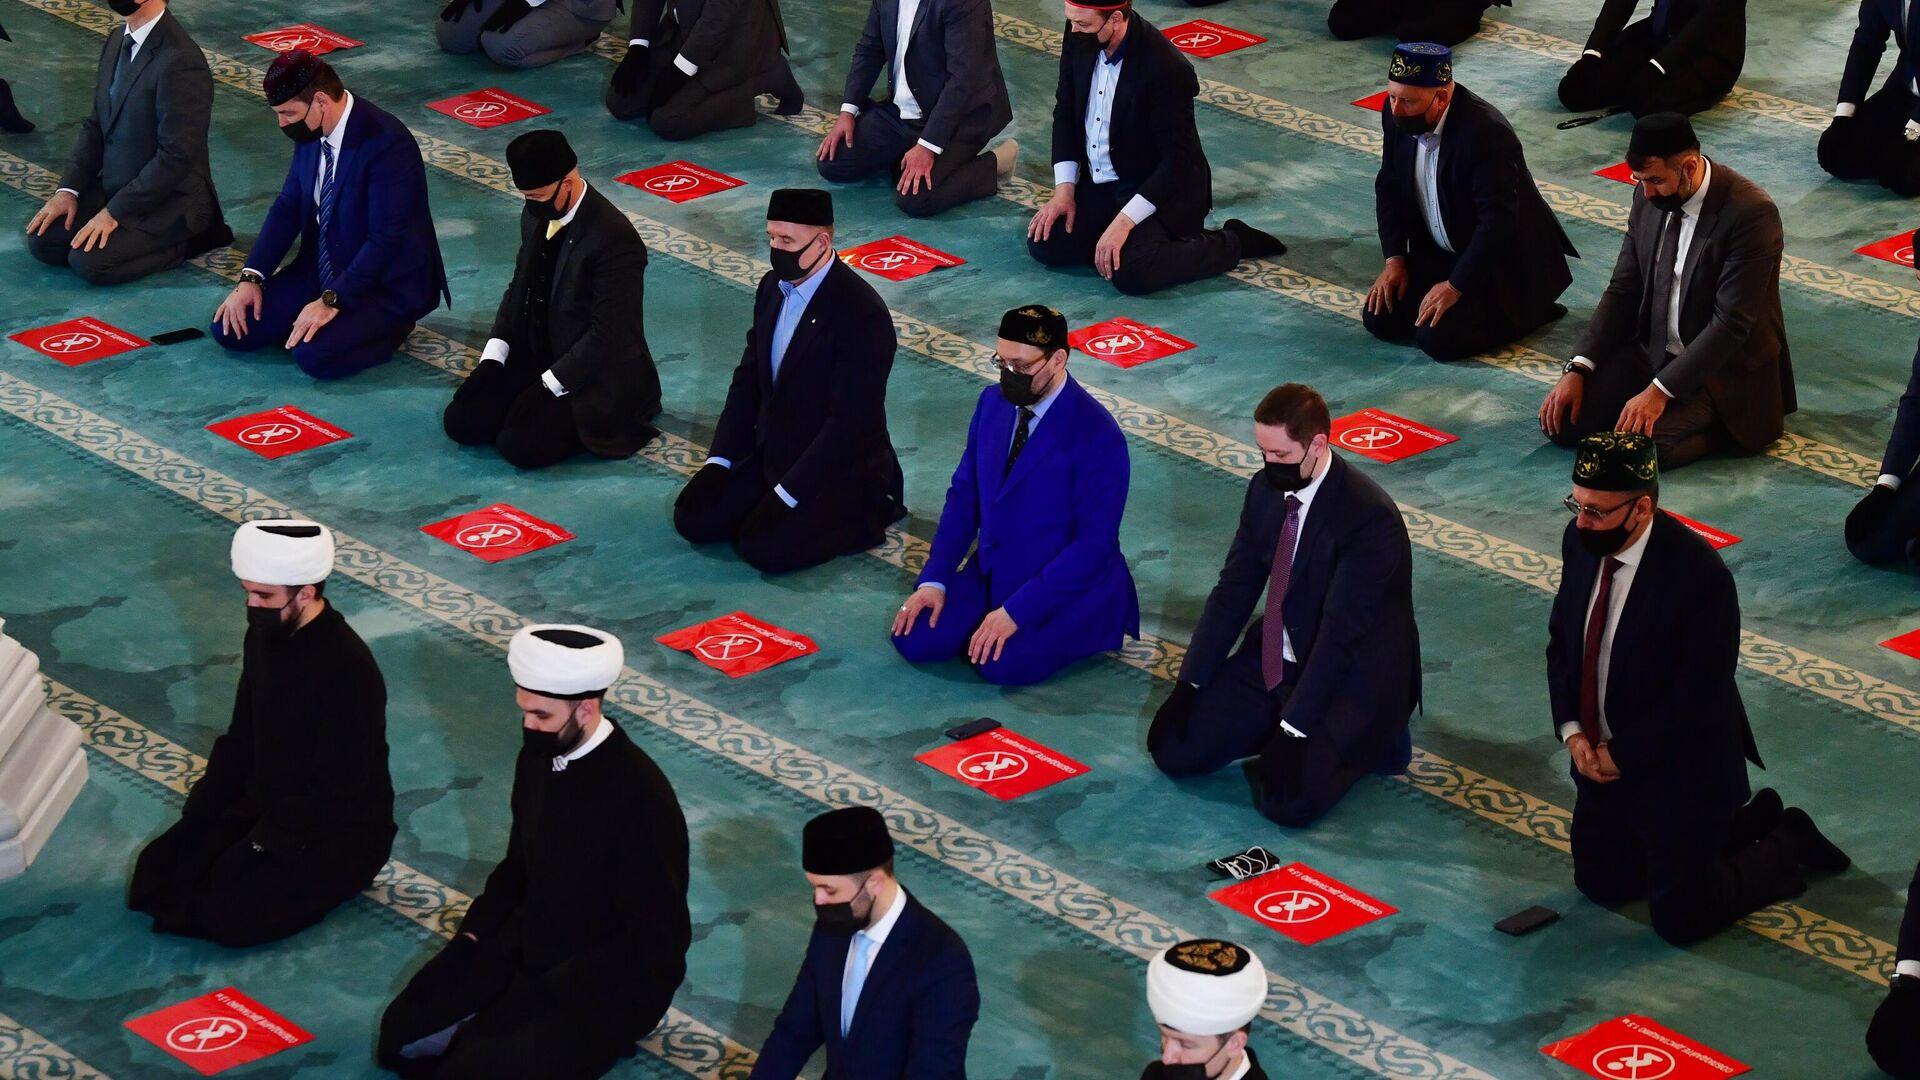 Верующие во время праздничной молитвы в честь Ураза-байрама в Москве - РИА Новости, 1920, 15.06.2021